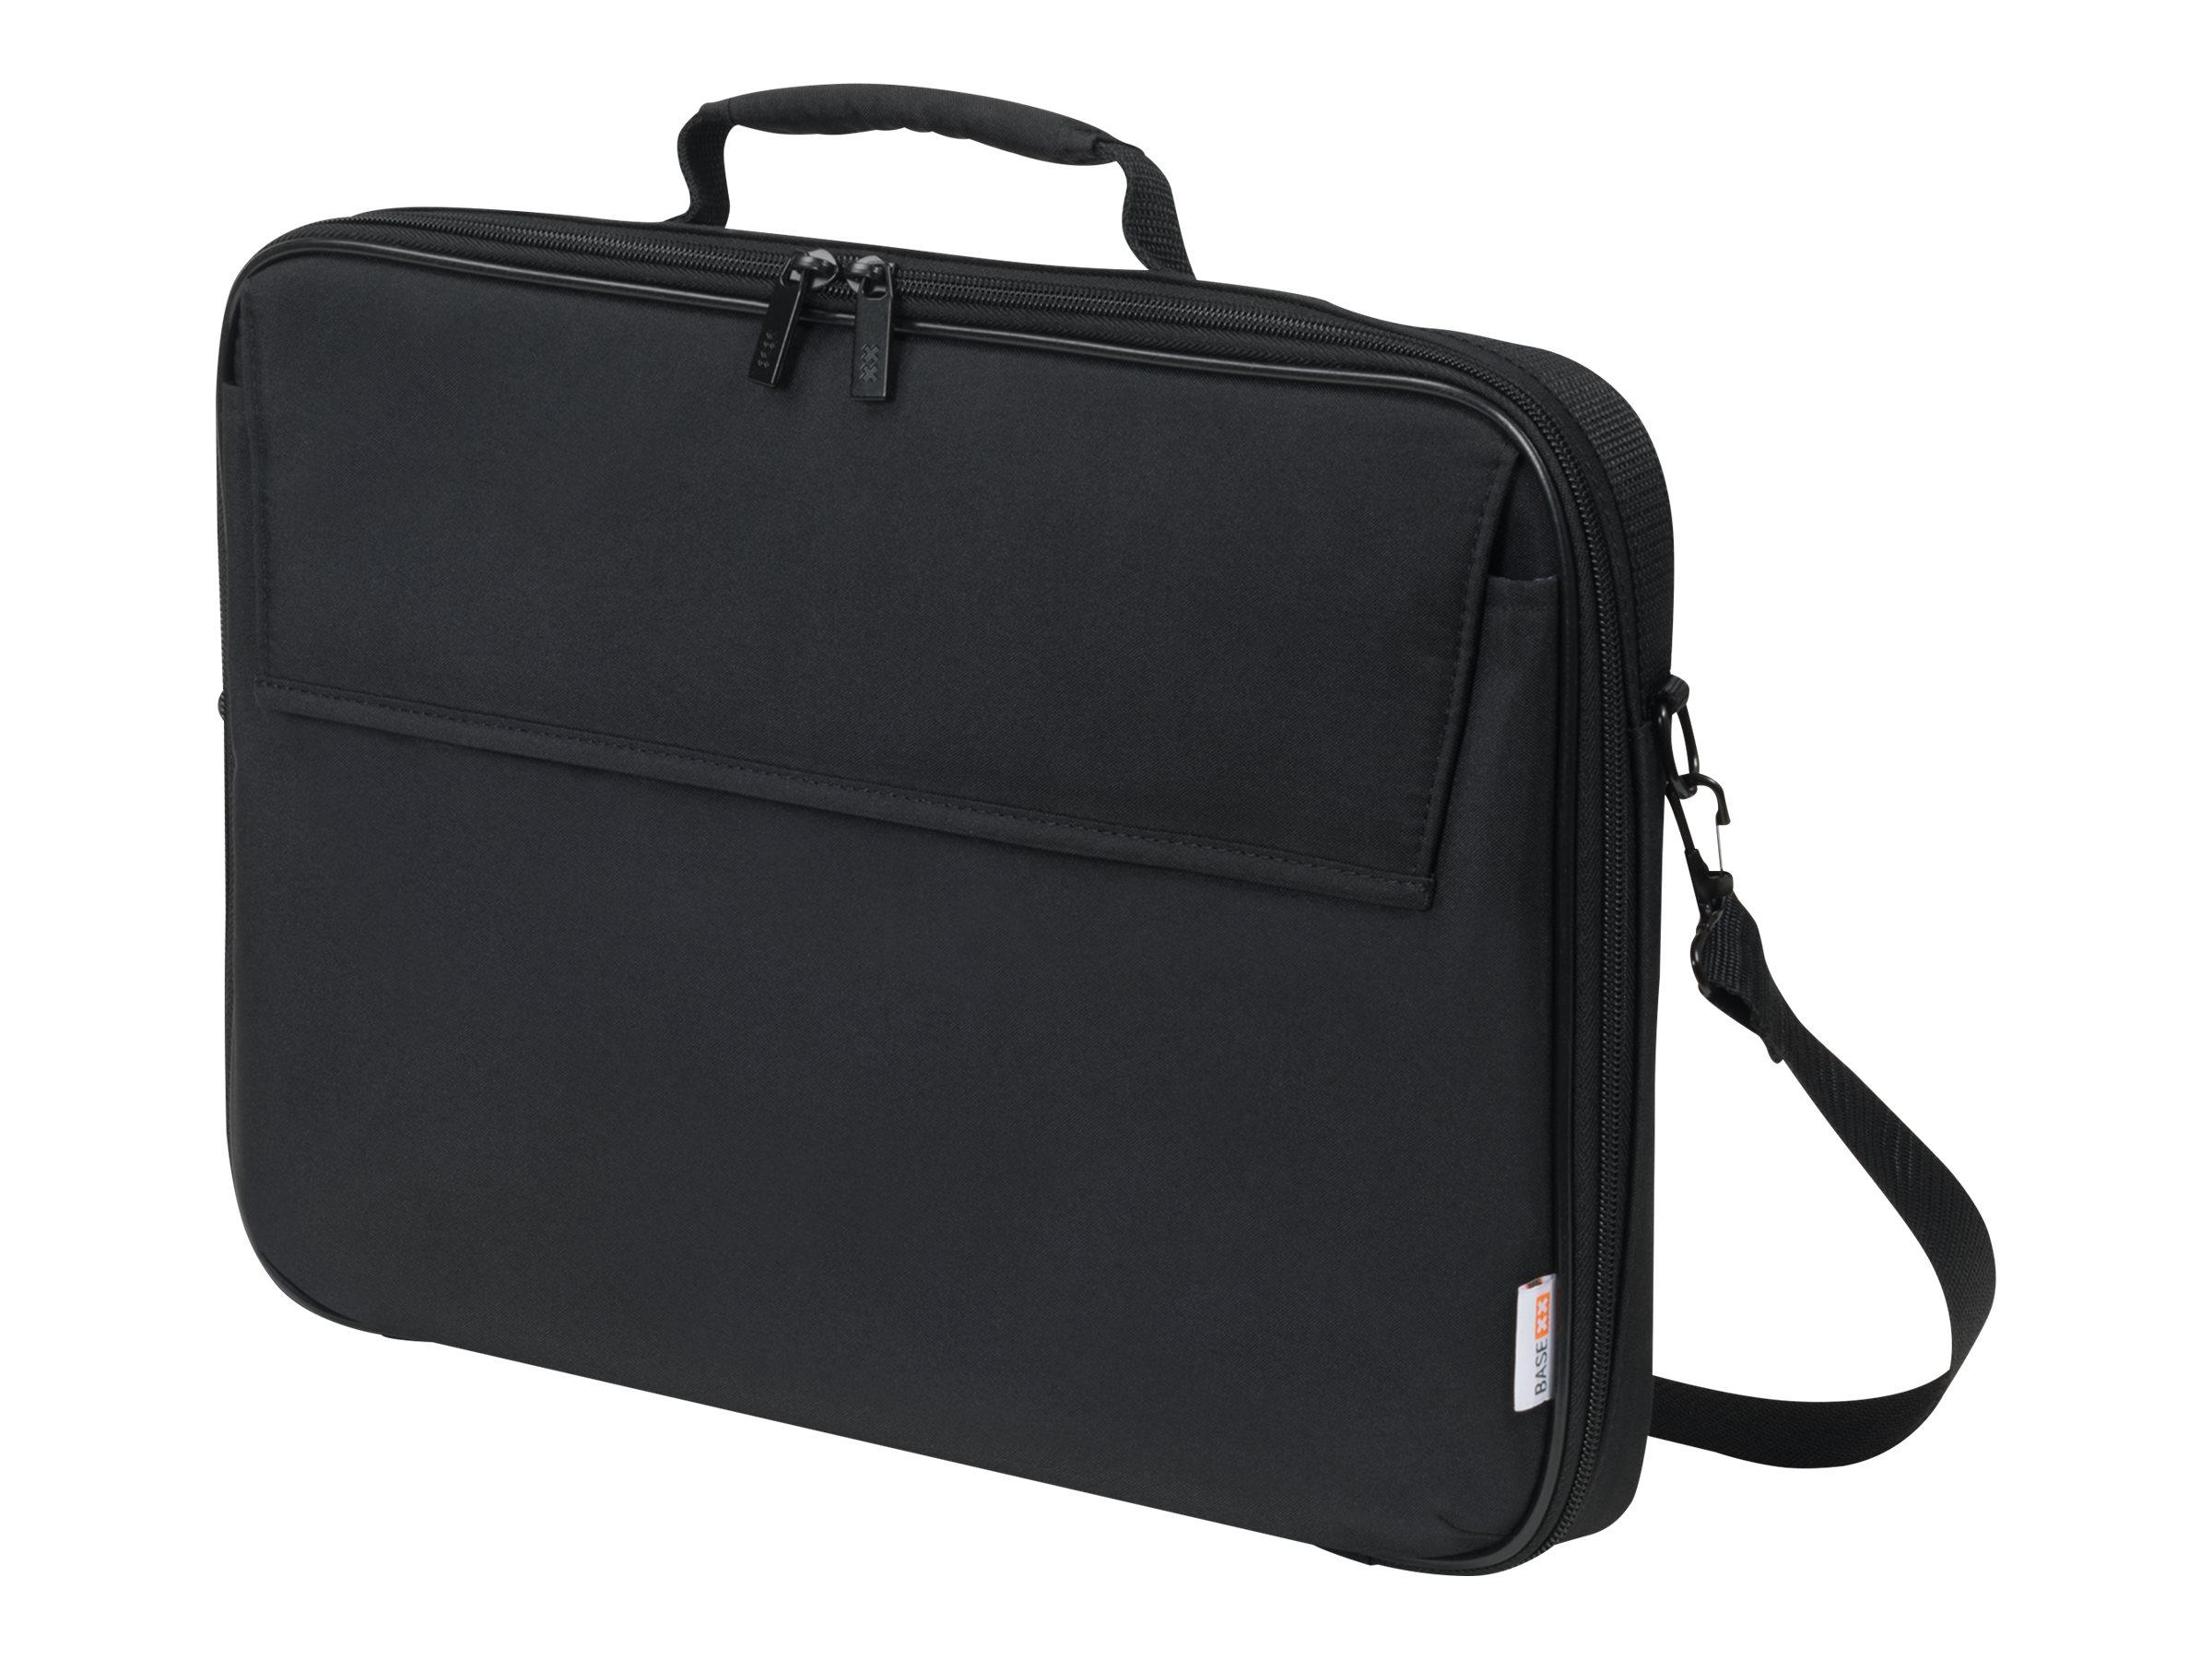 Vorschau: Dicota BASE XX Clamshell - Notebook-Tasche - 15